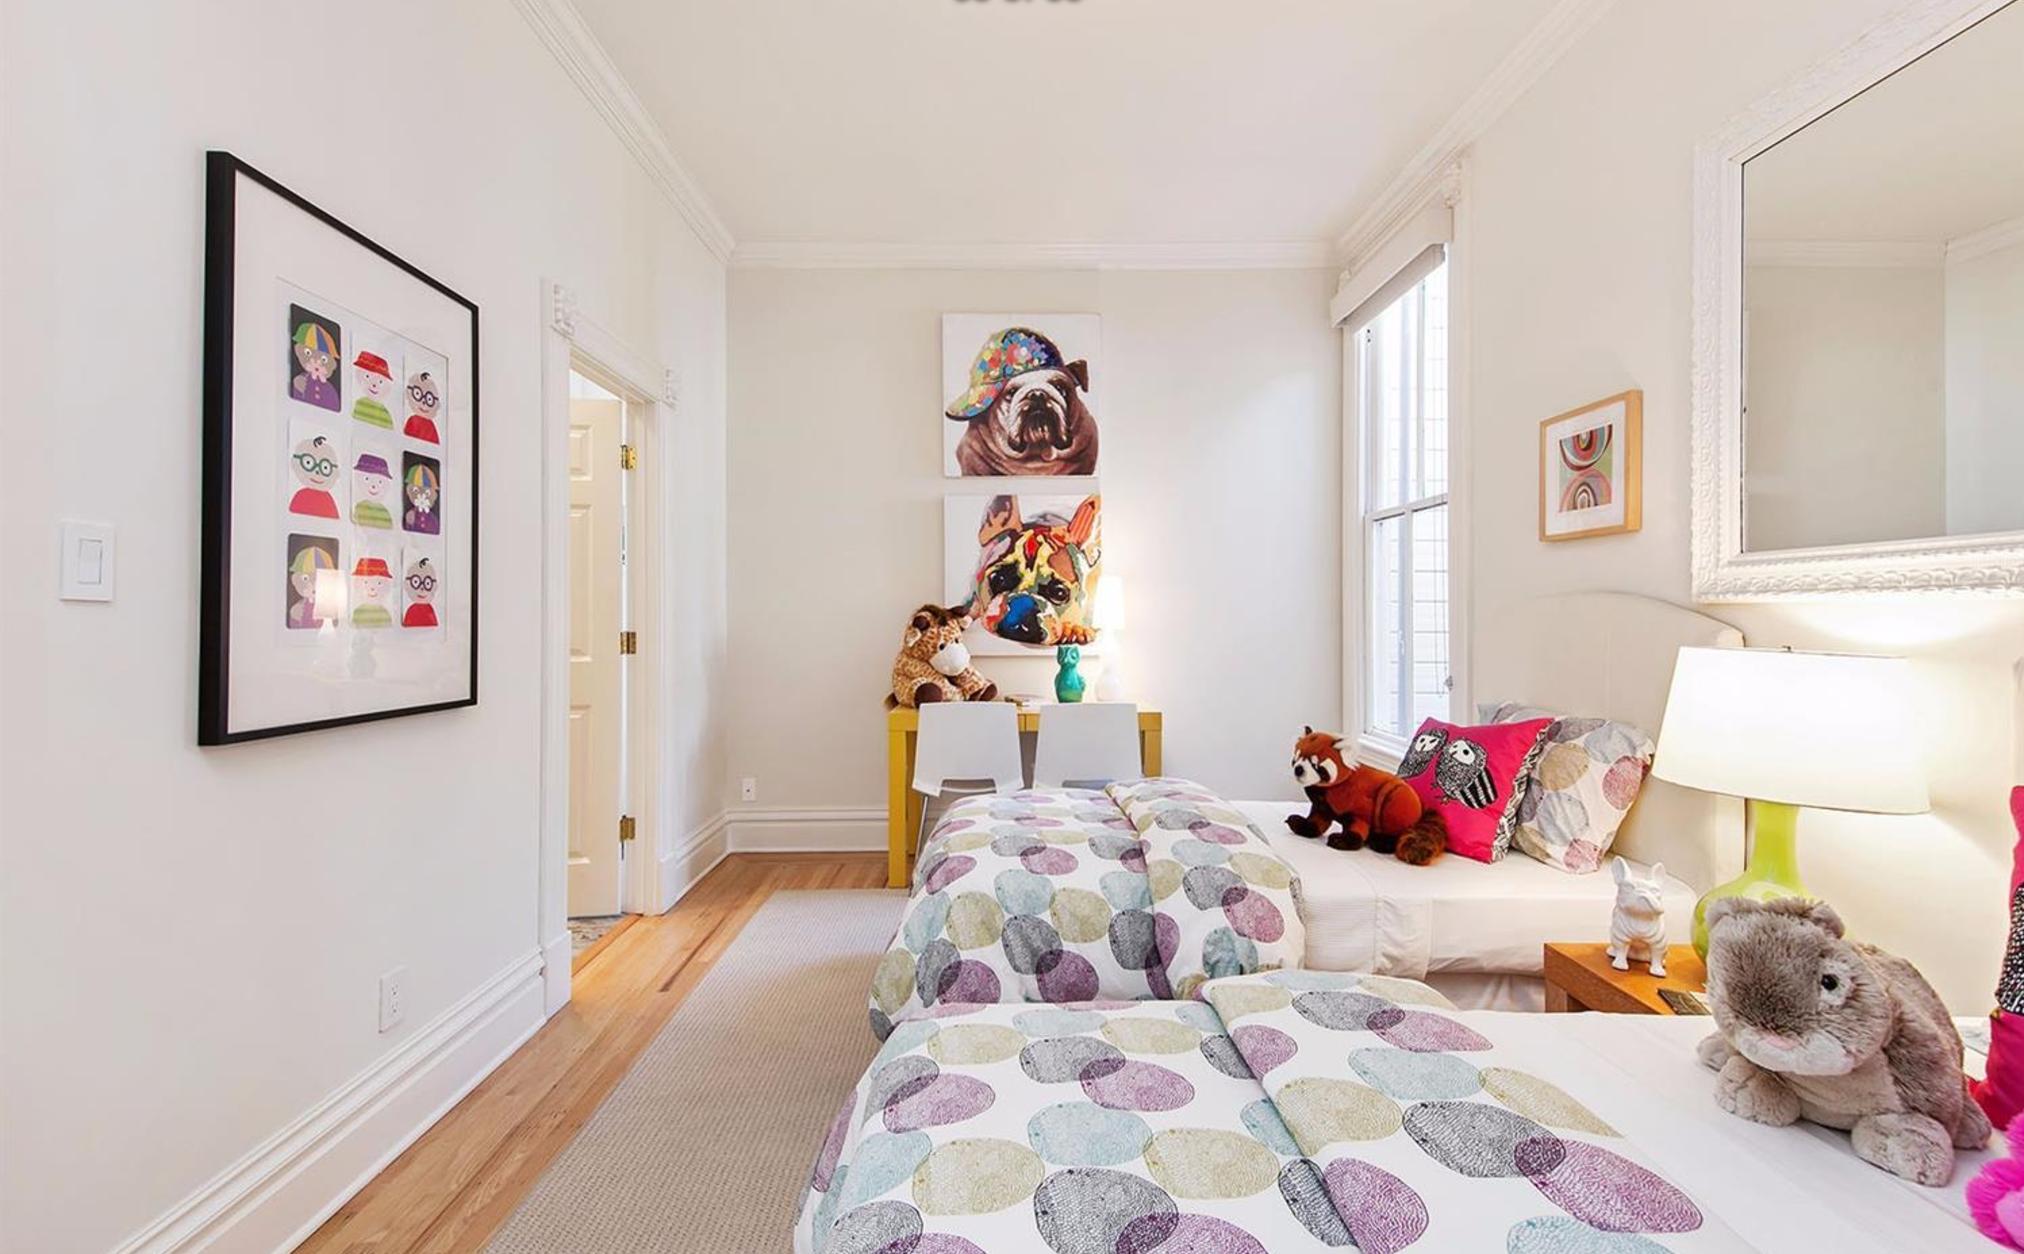 2521 Octavia Street - Kids Room